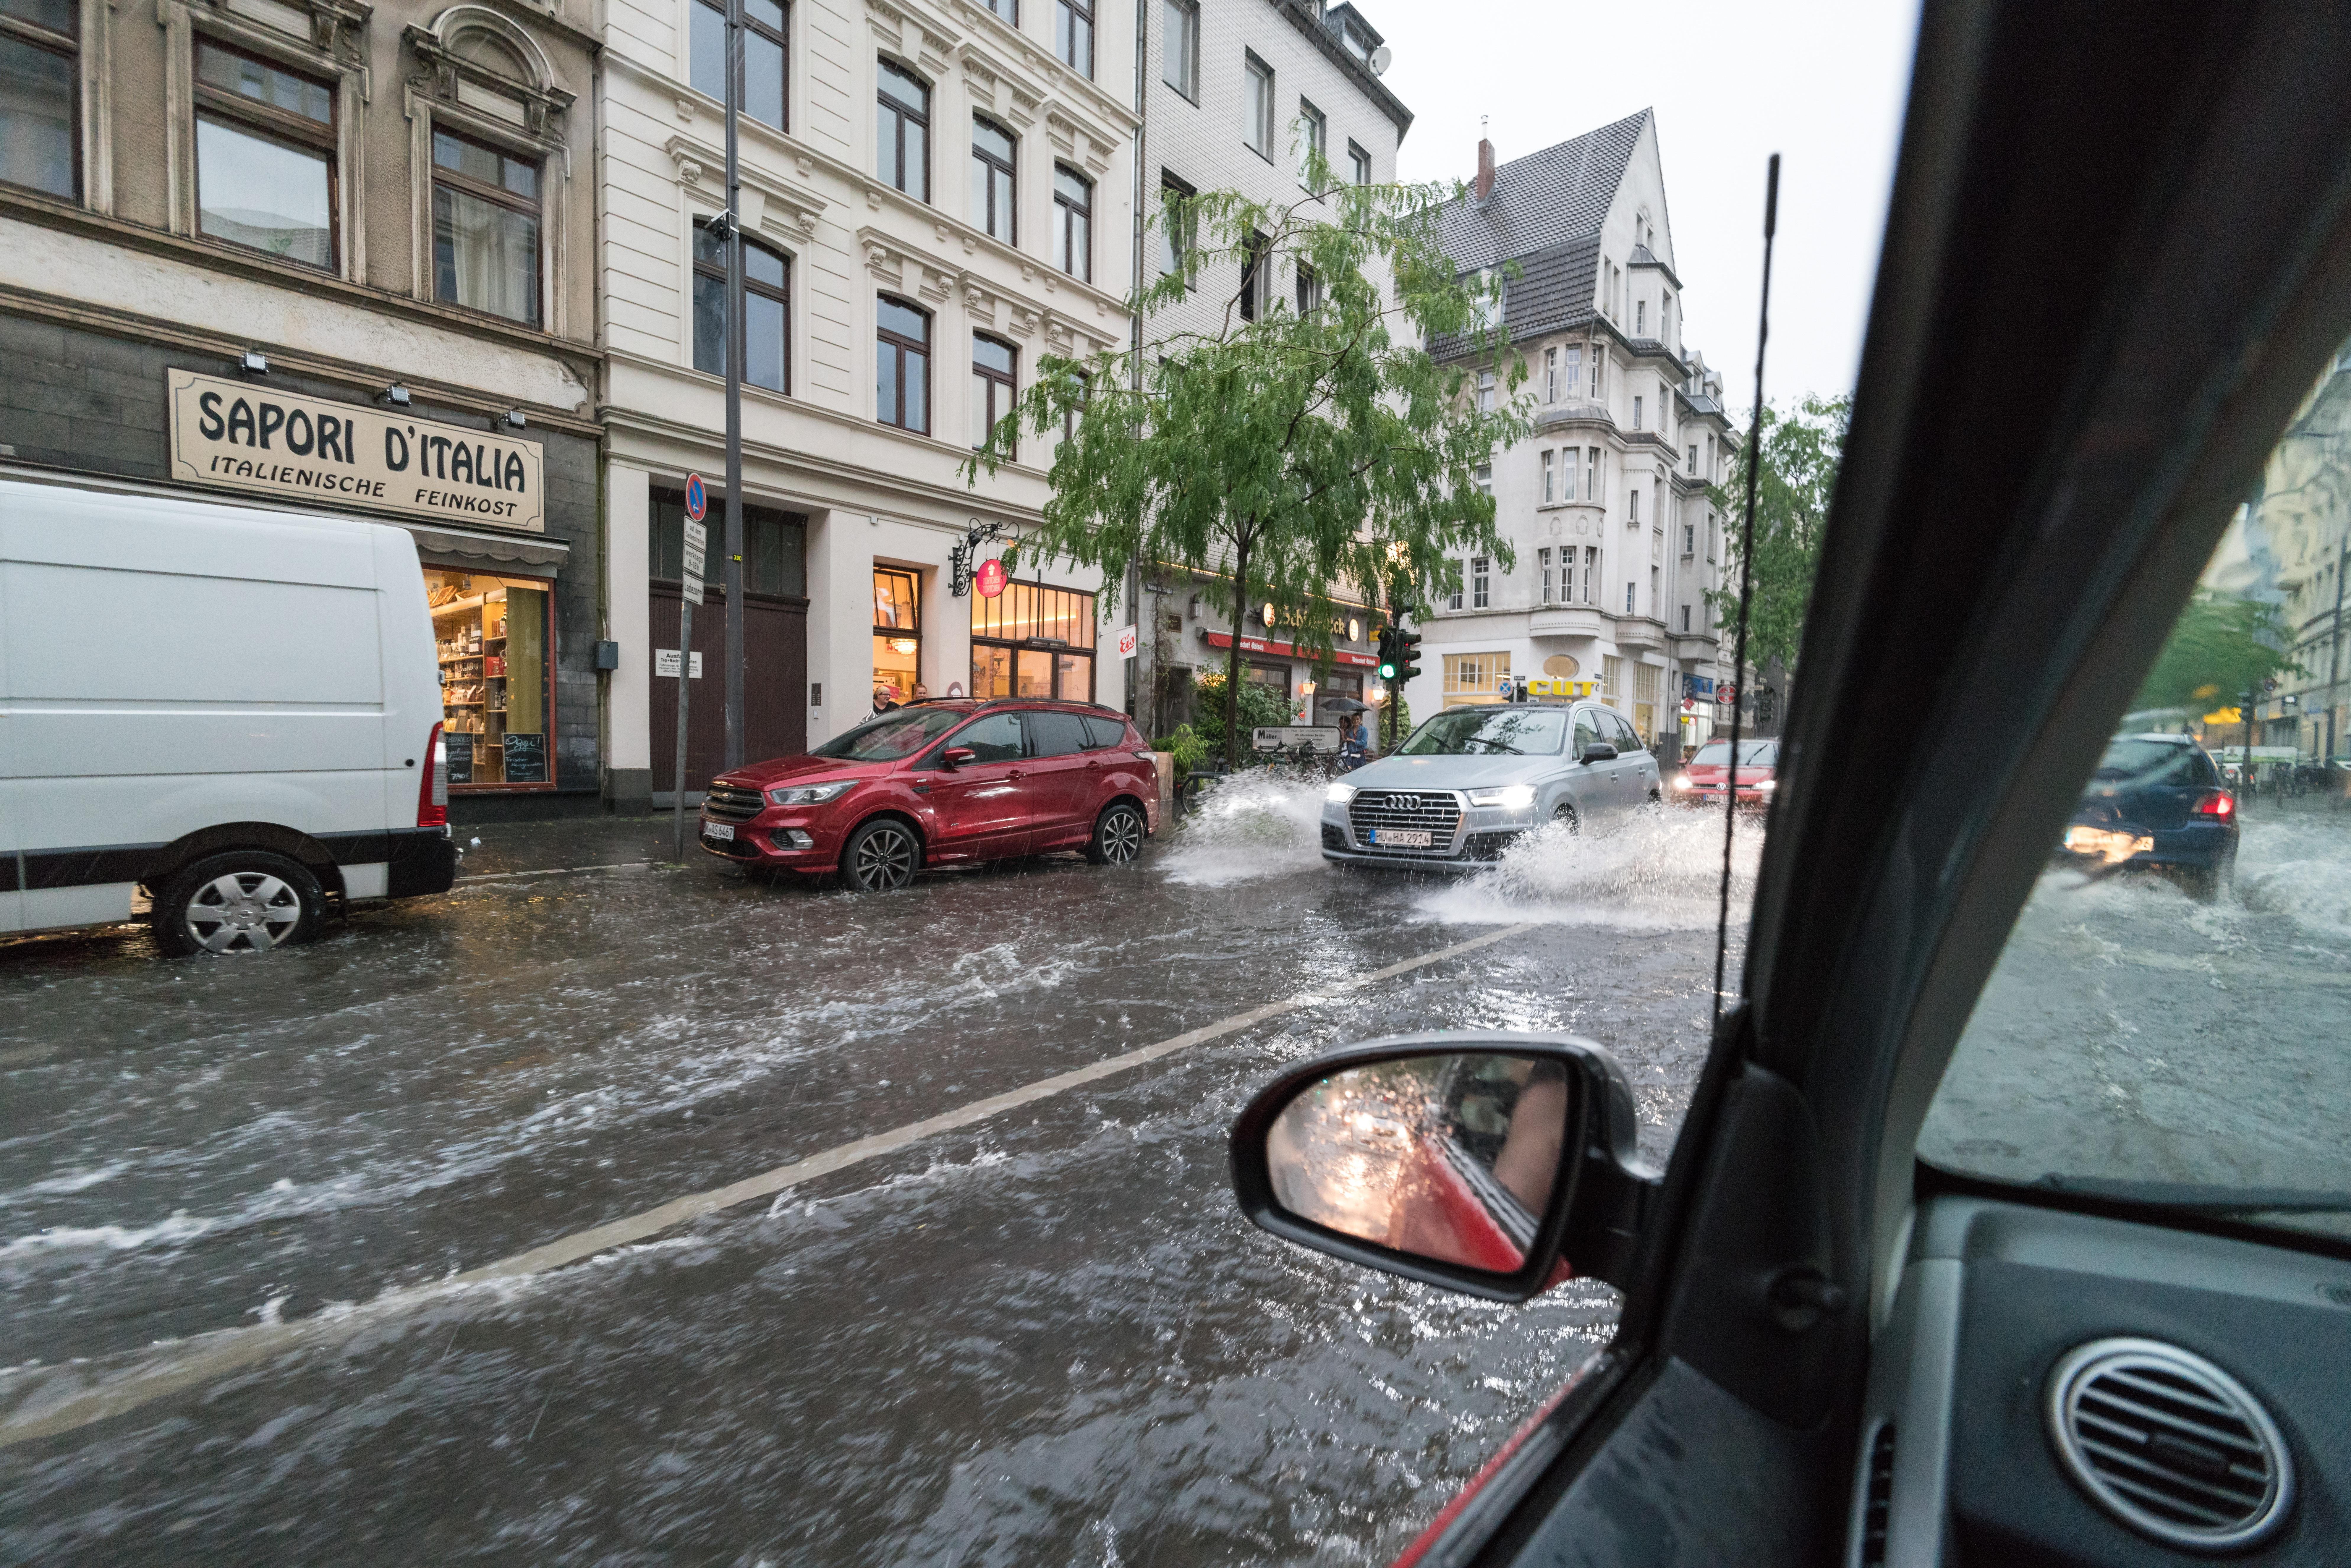 Starkregen - mehr als nur ein Entwässungerungsproblem